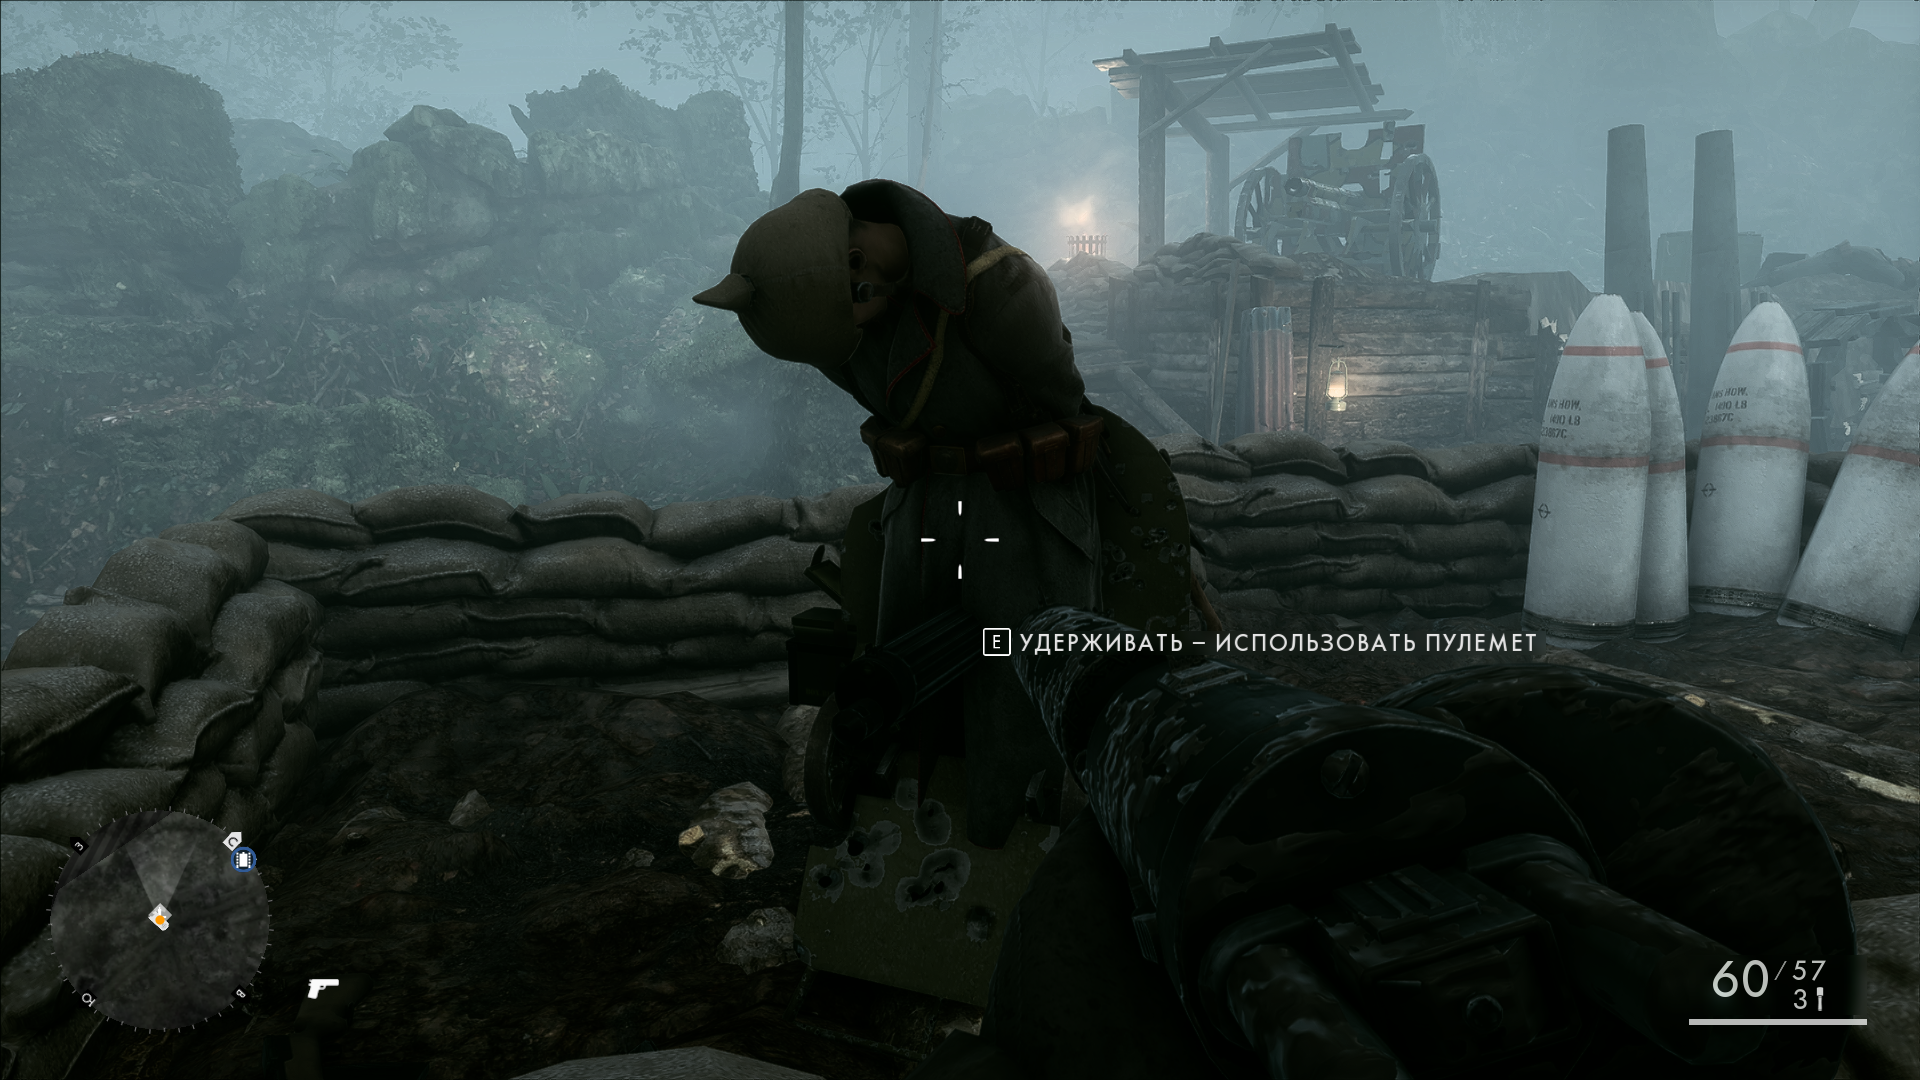 Хорошие у них пулеметы - Battlefield 1